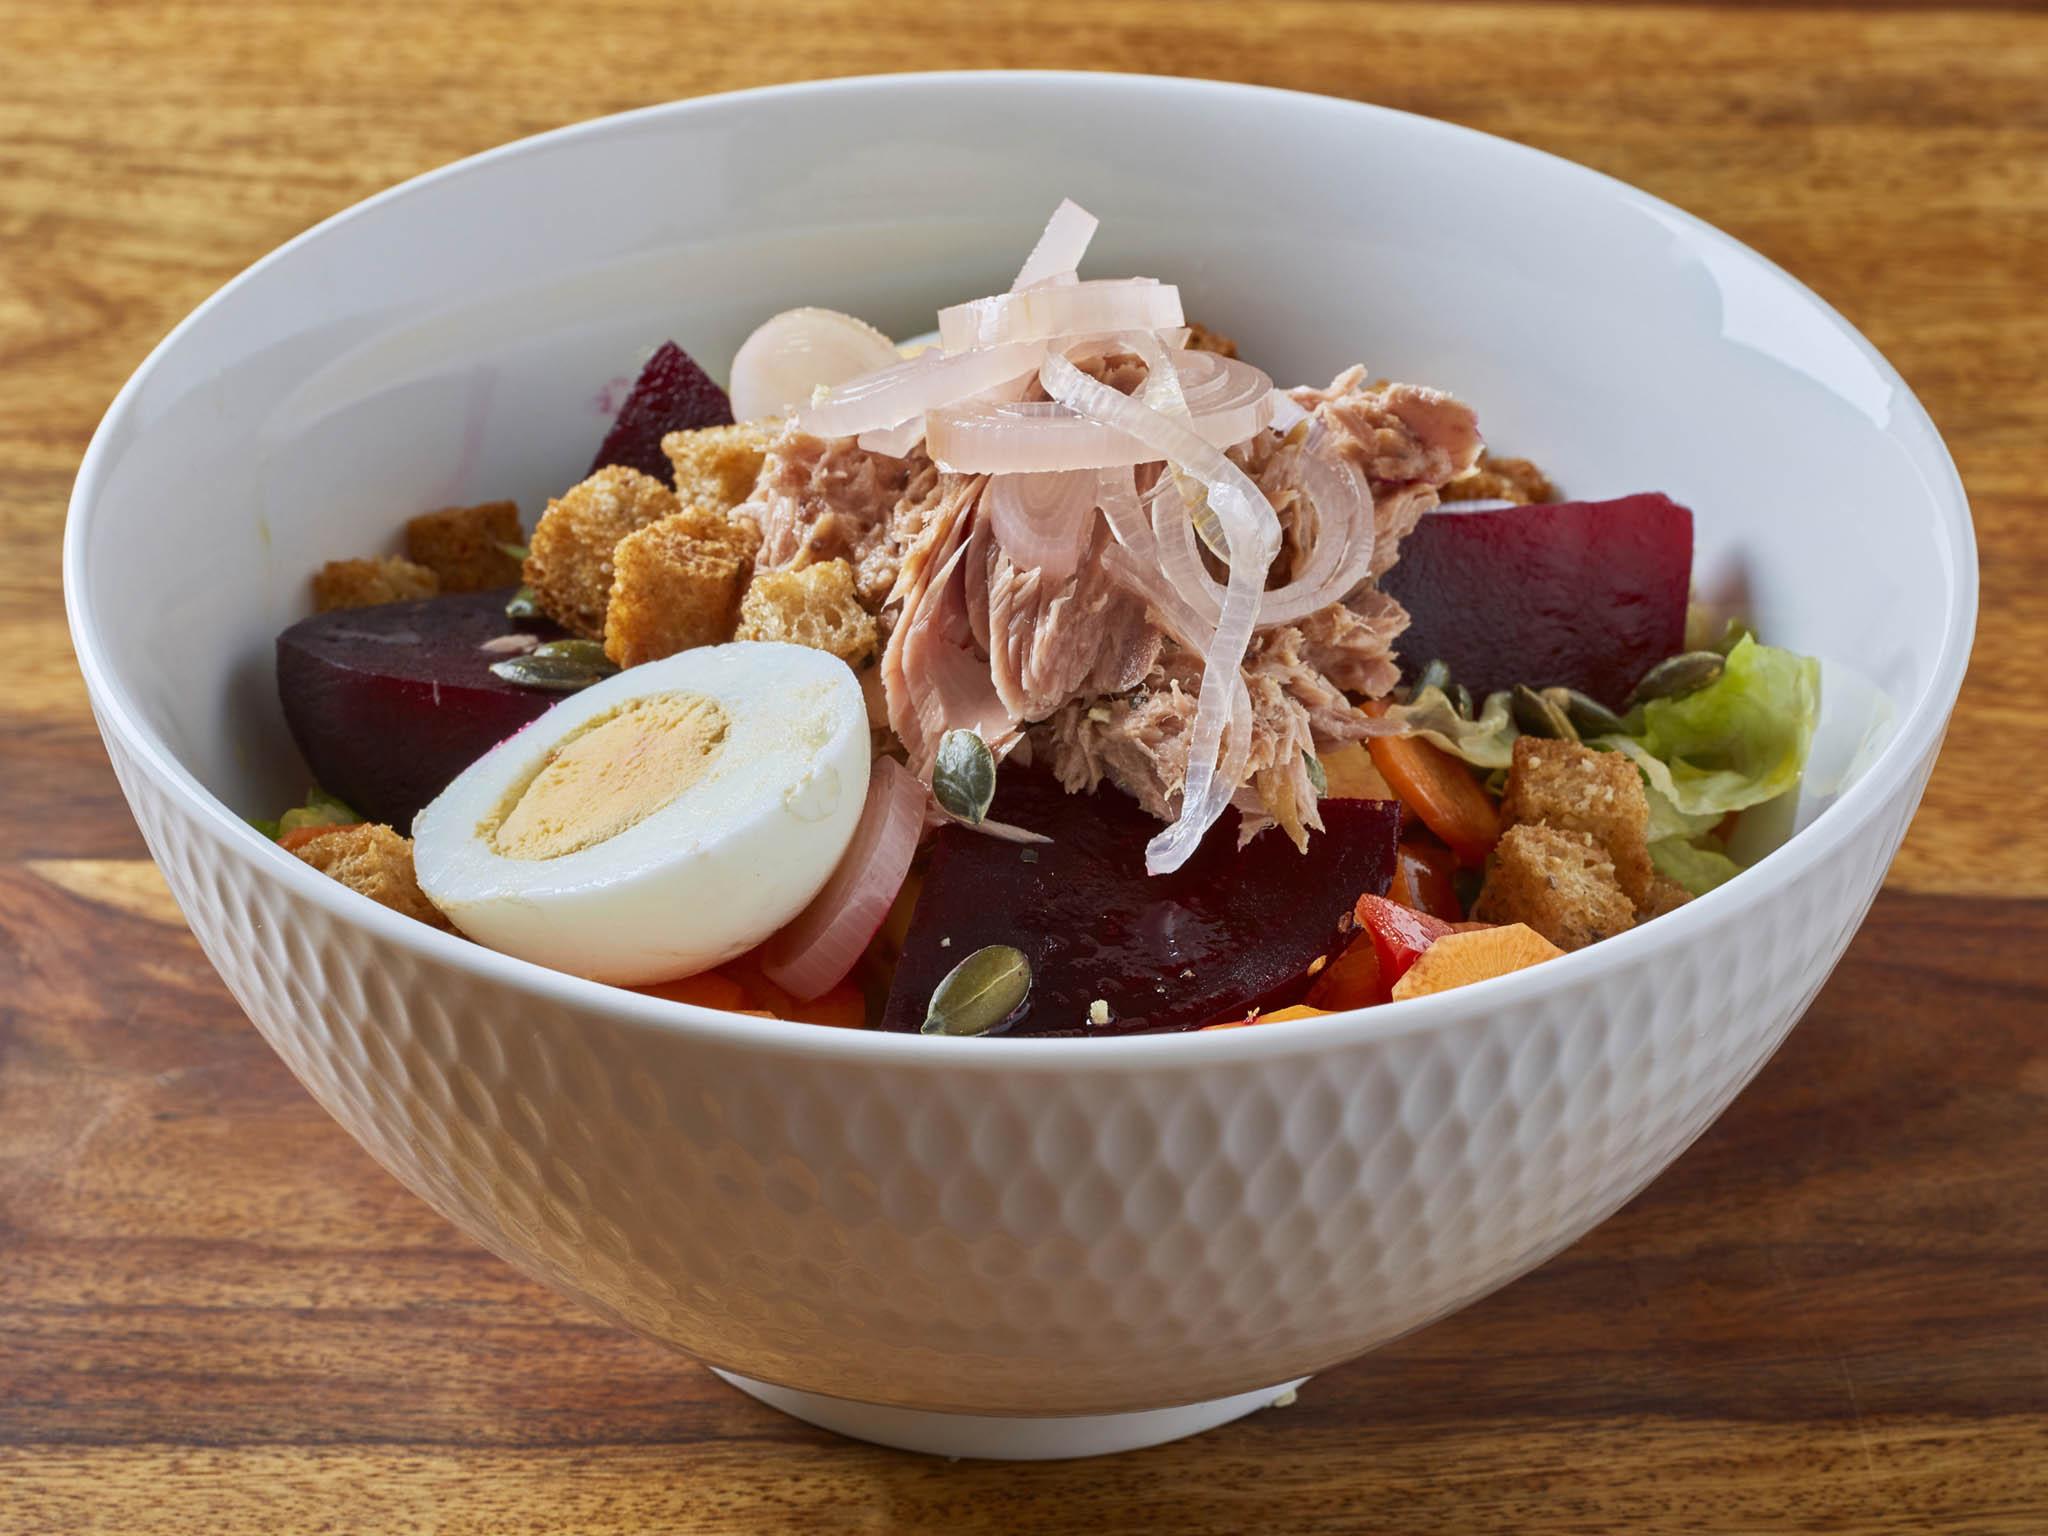 Novinkou jsou velké misky čerstvých salátů s inspirací ve Francii, Itálii či Vietnamu.